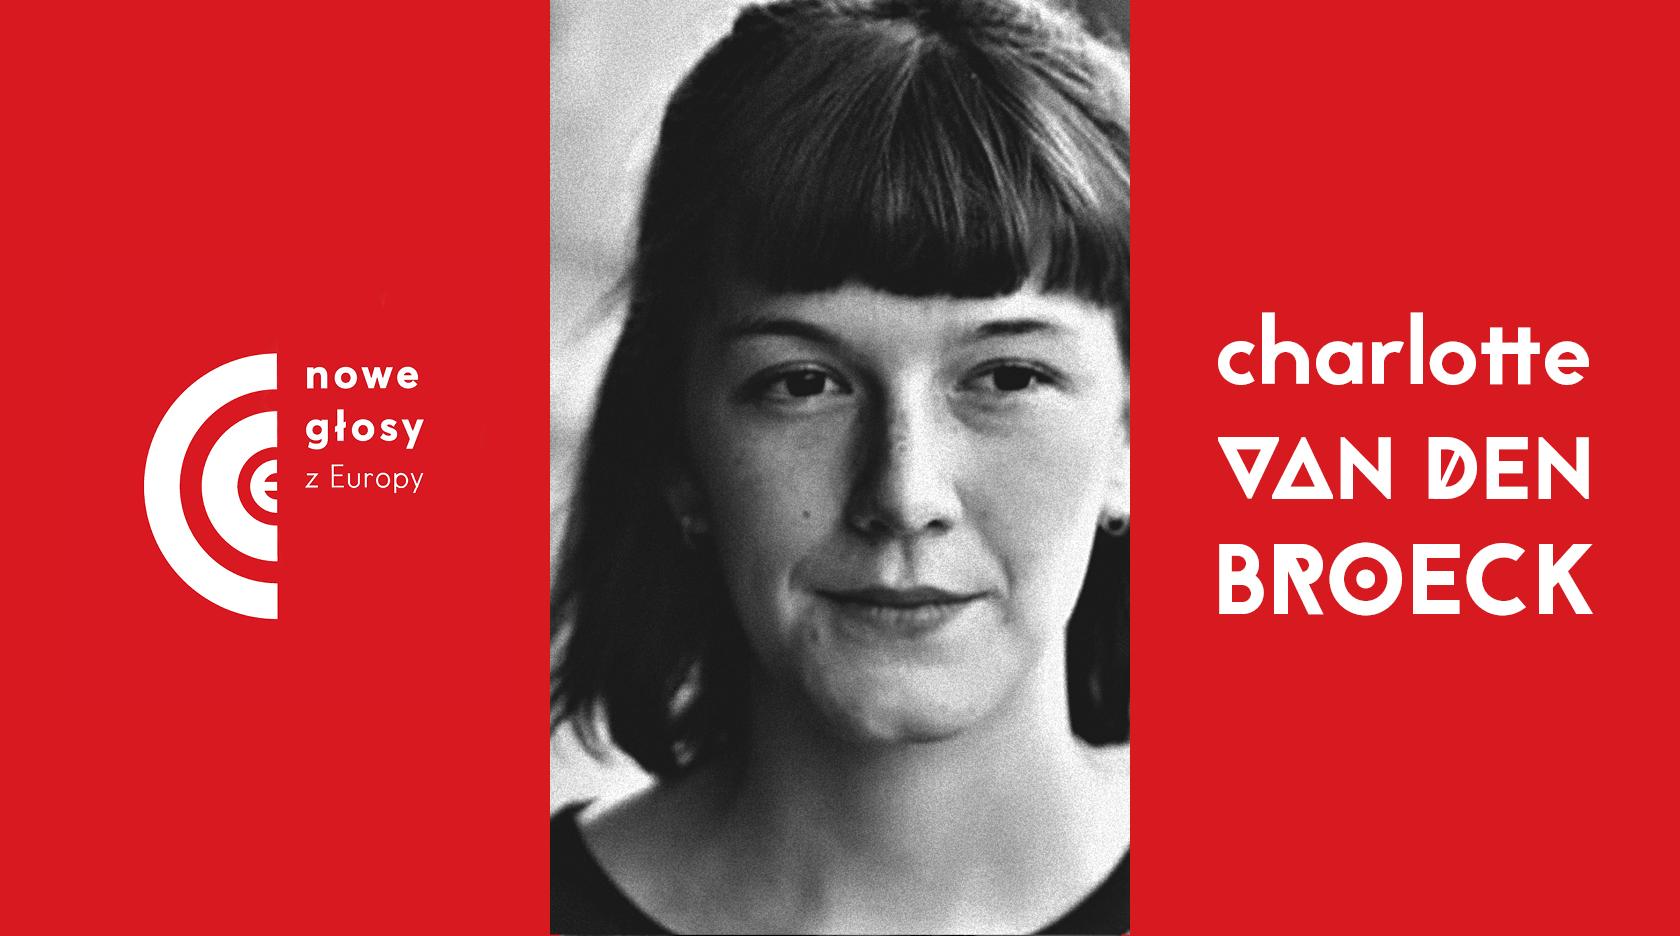 BL Img 2017.07.27 Nowe głosy z Europy Charlotte VAN DEN BROECK_www_top